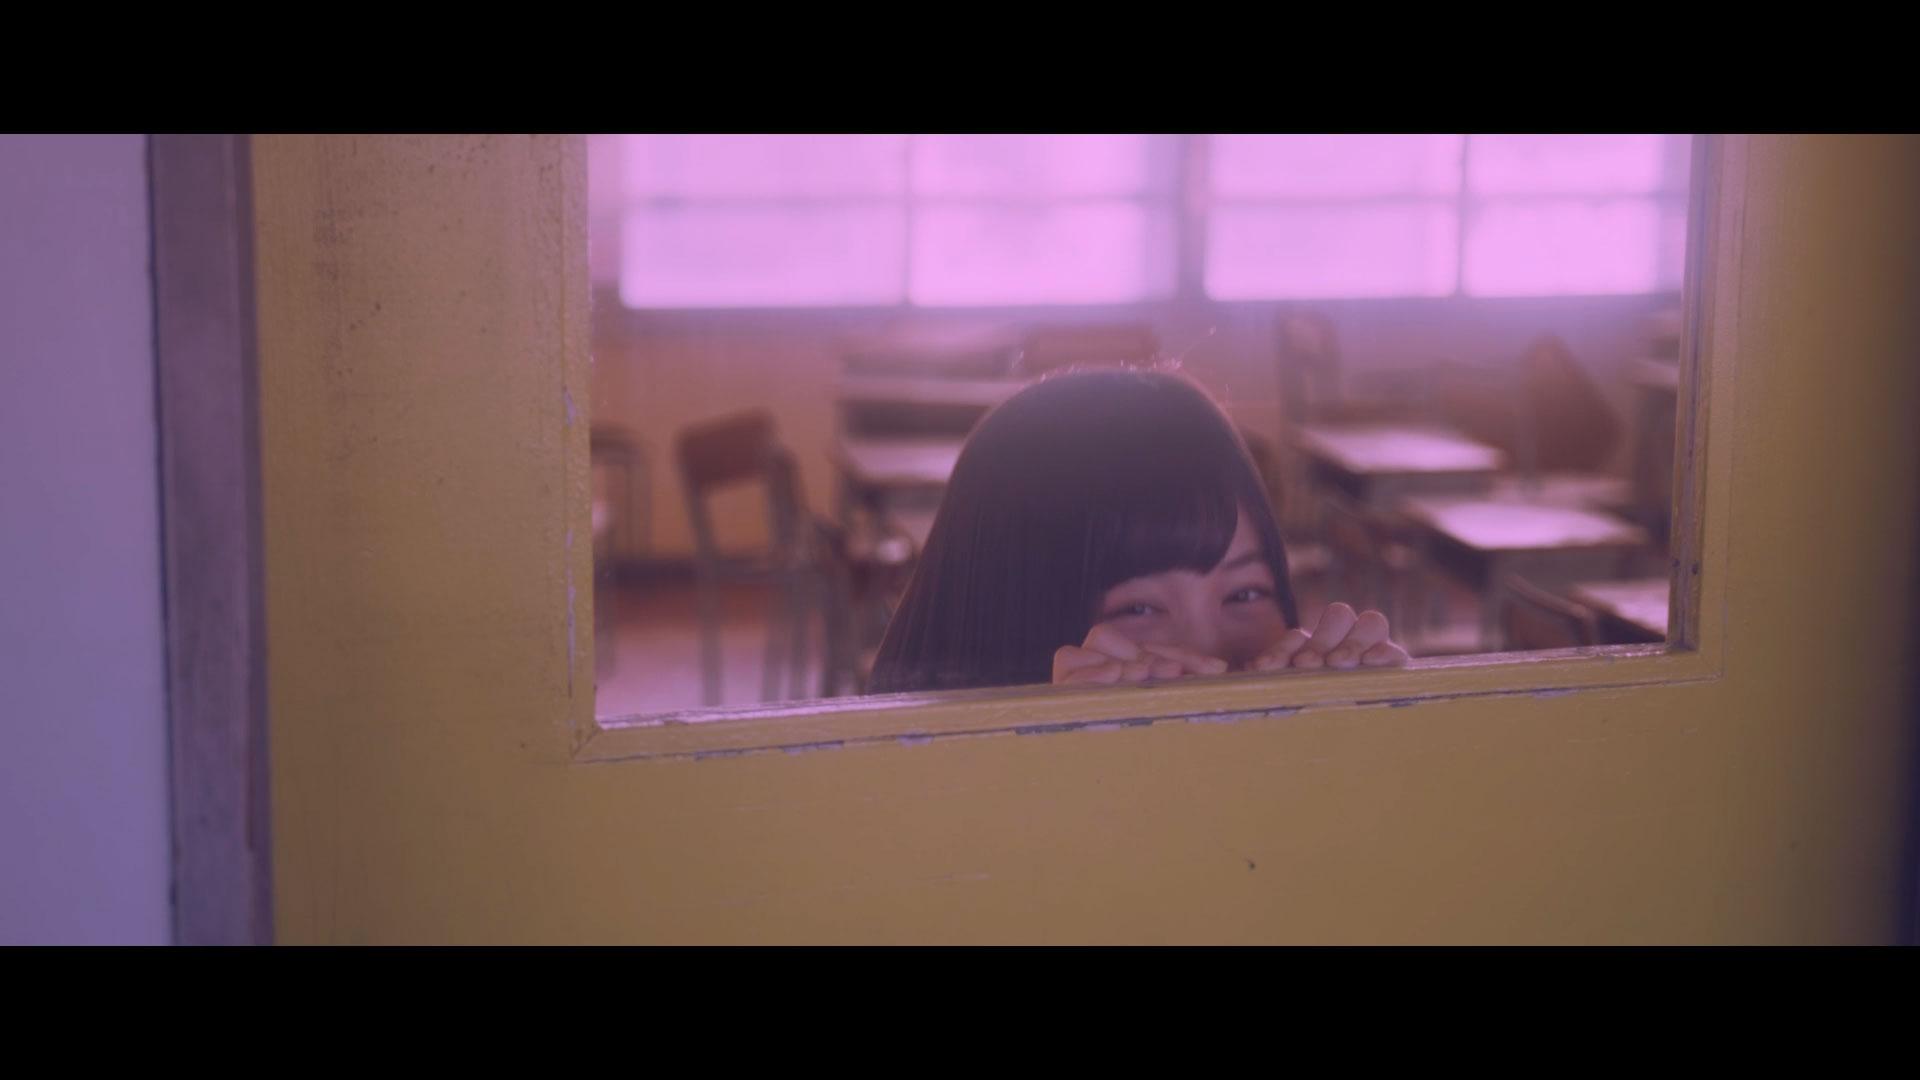 乃木坂46 山下美月「さよならポルターガイスト」